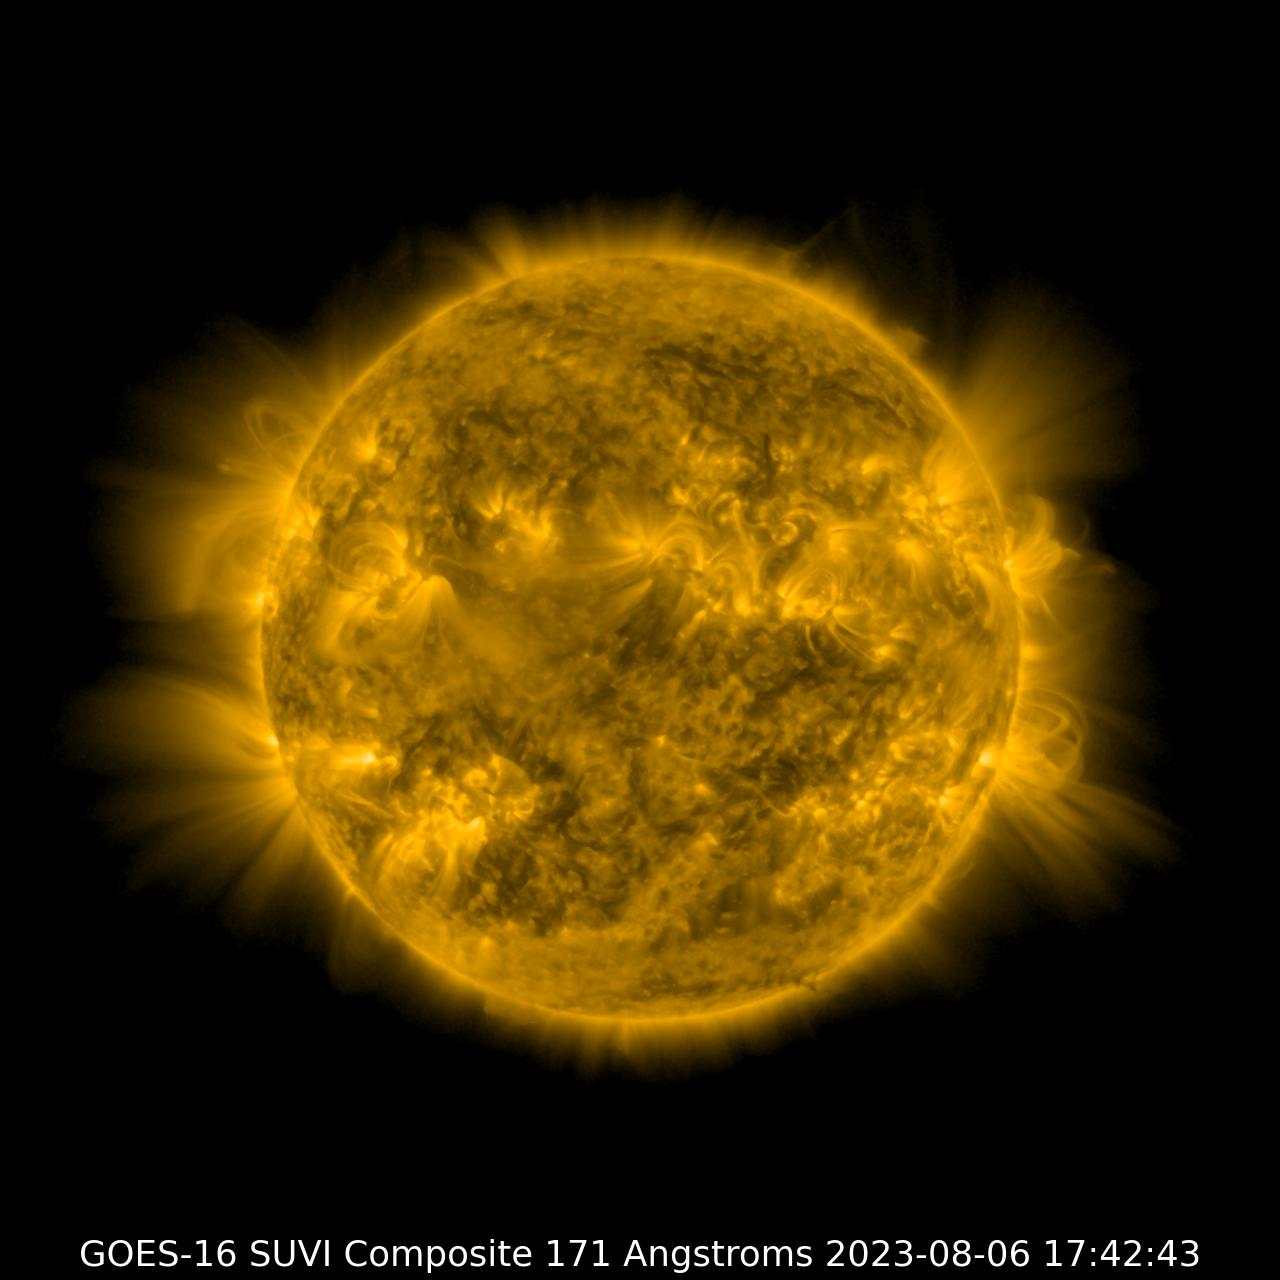 GOES-16 SUVI 171